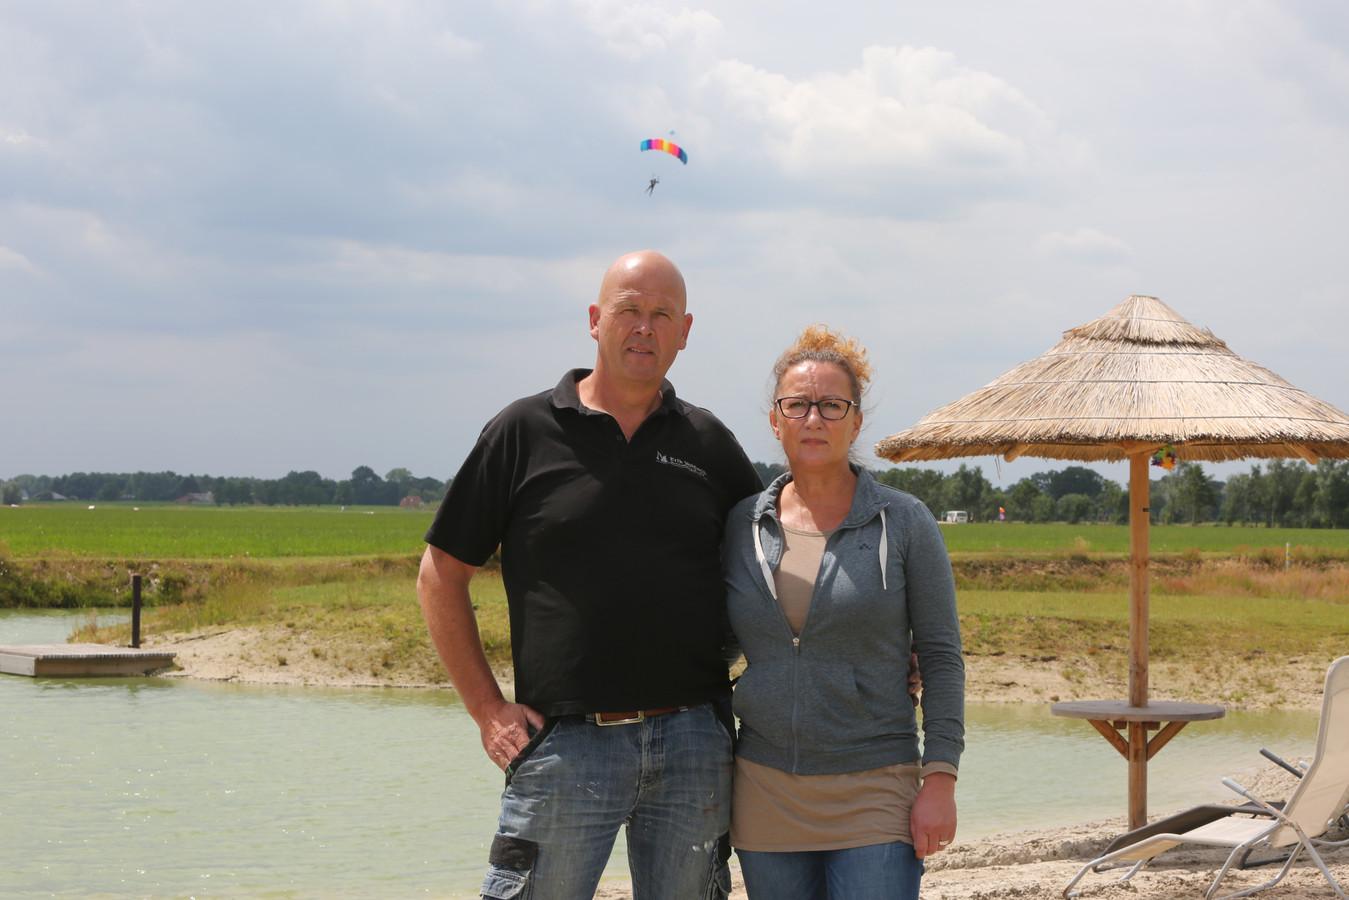 Erik en Anja Veldwijk van camping en theeschenkerij 't Oegenbos.